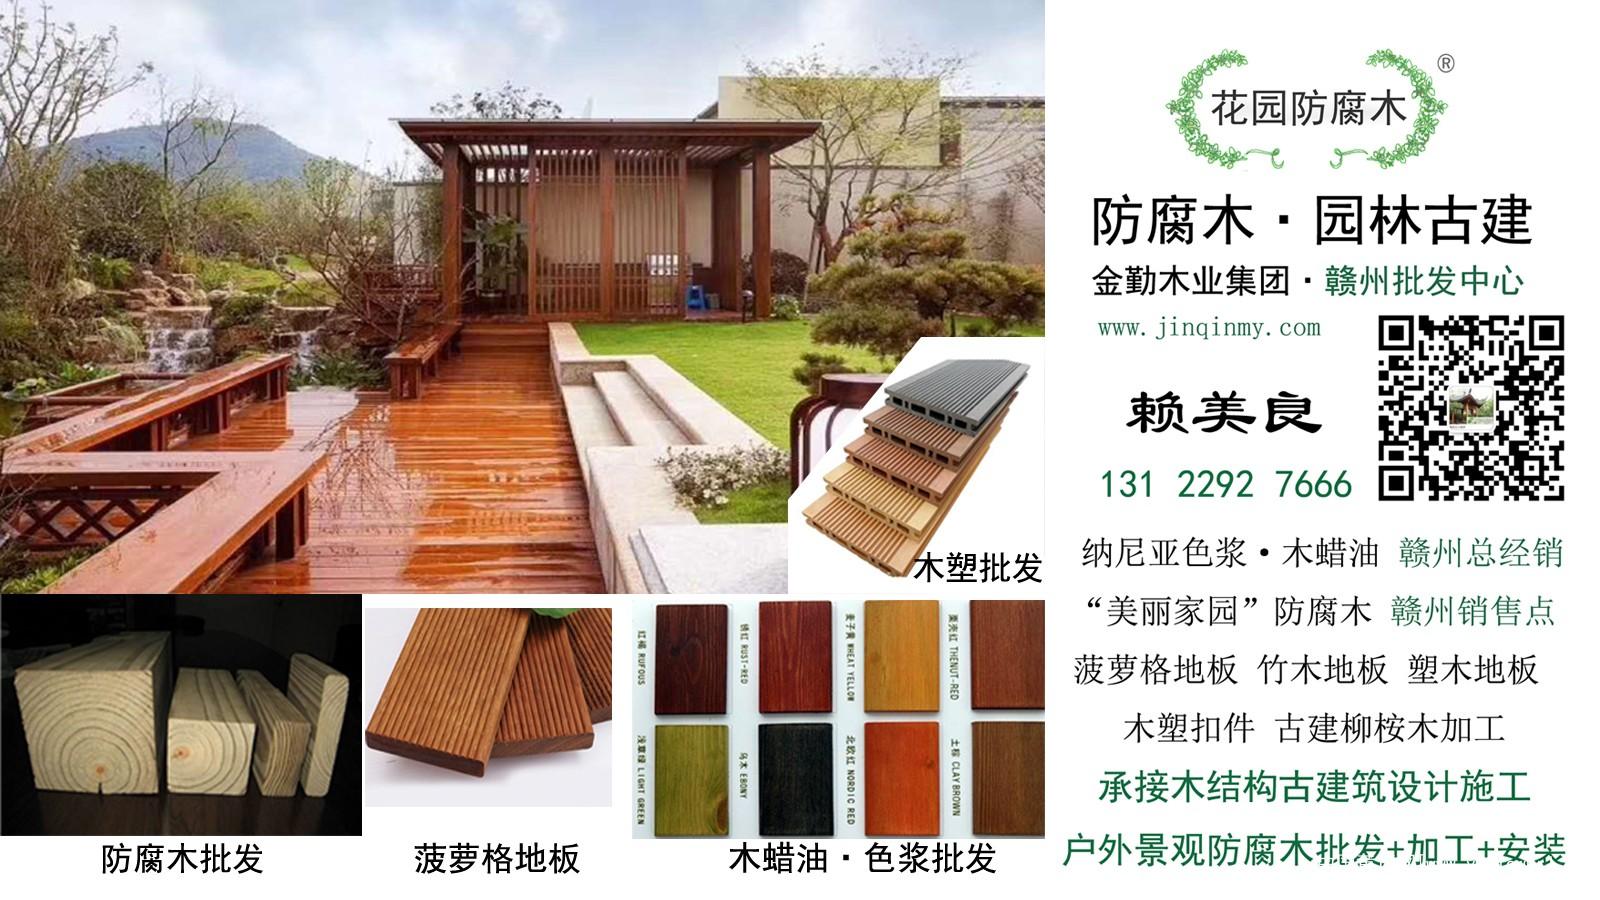 赣县防腐木、菠萝格、樟子松防腐木、竹木地板、塑木